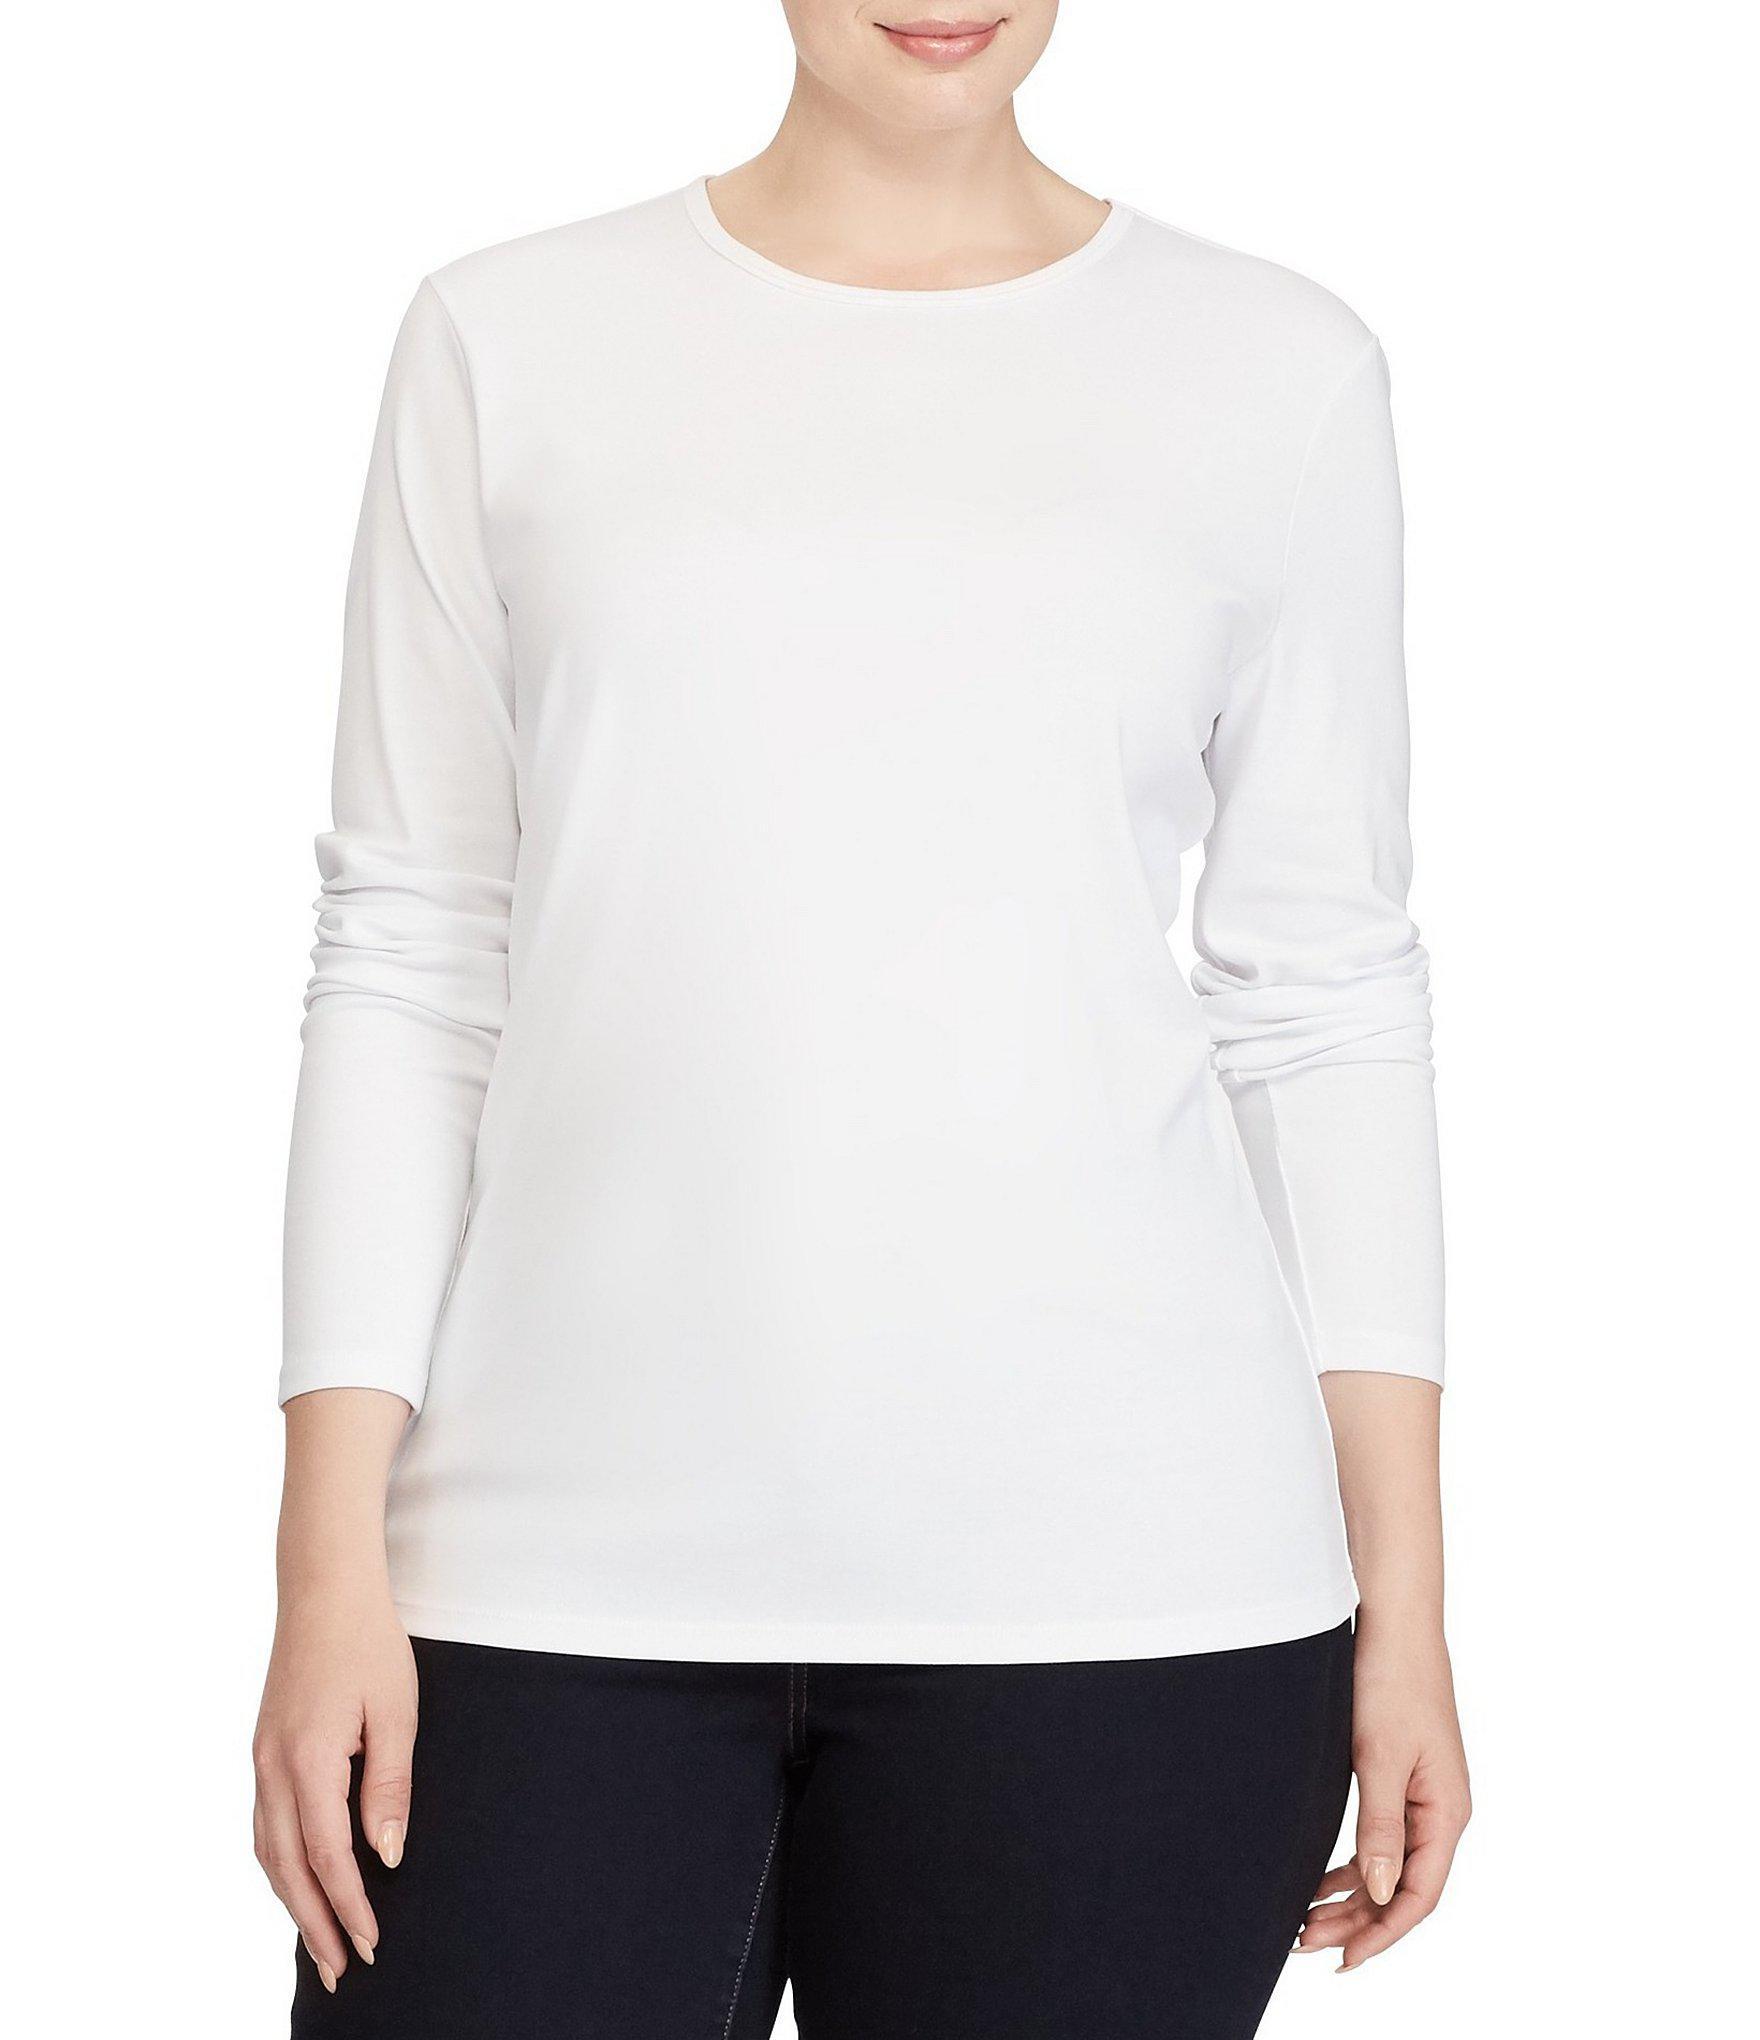 a0482703826 Lyst - Lauren By Ralph Lauren Plus Long-sleeve Stretch Cotton T ...